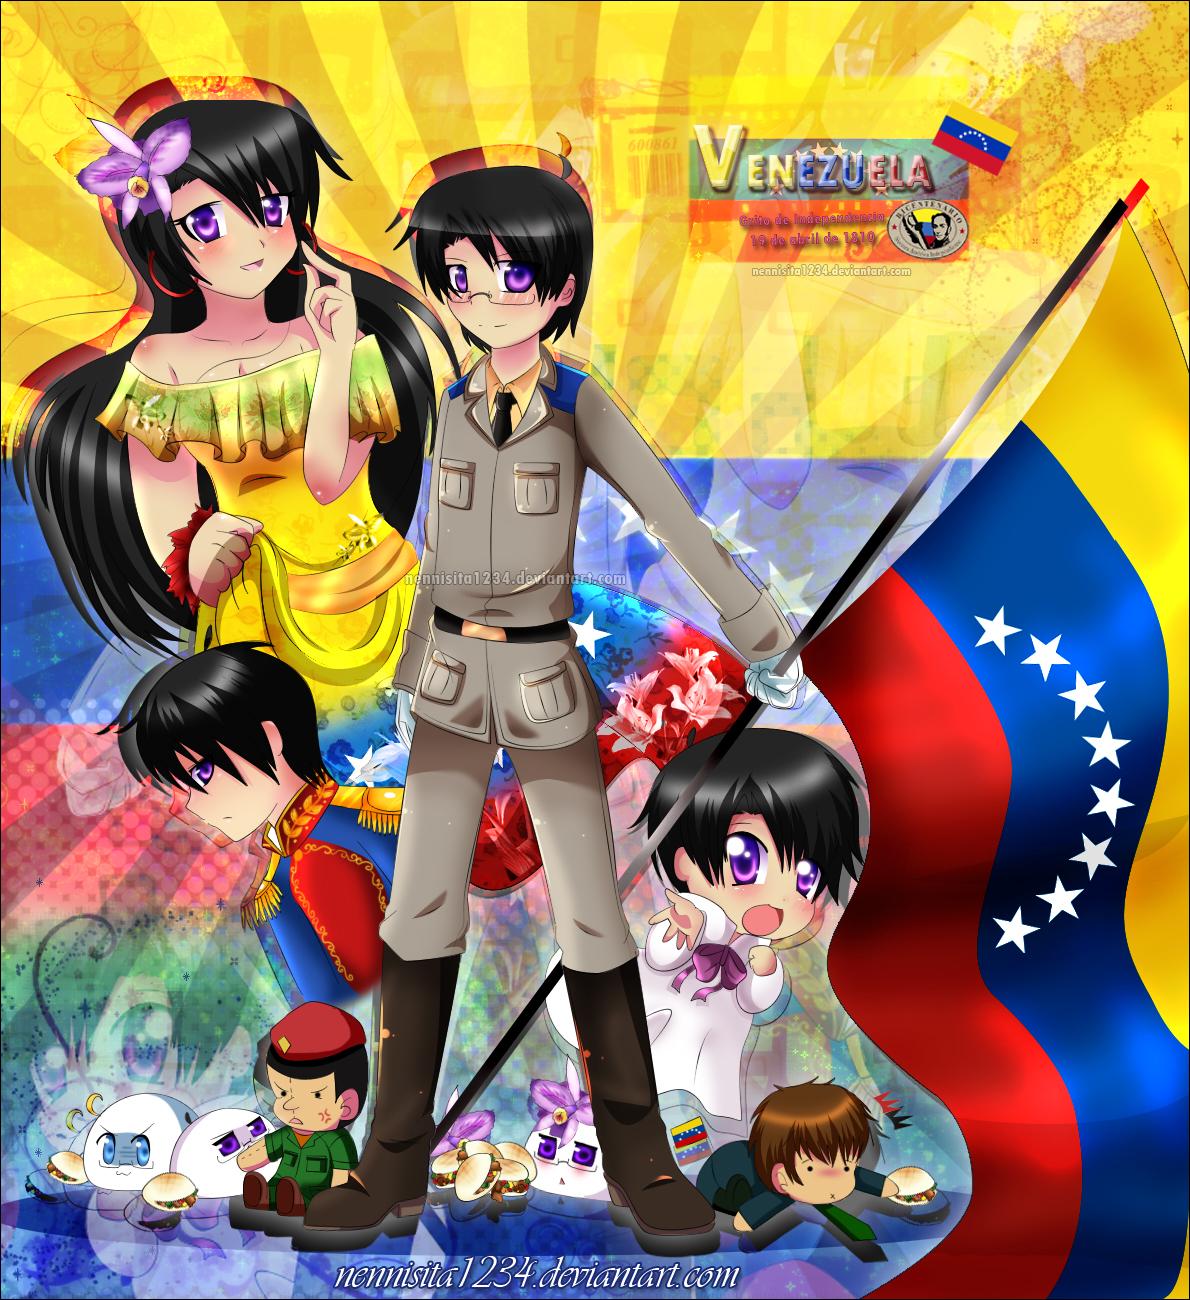 HTMR: Venezuela bicentenary